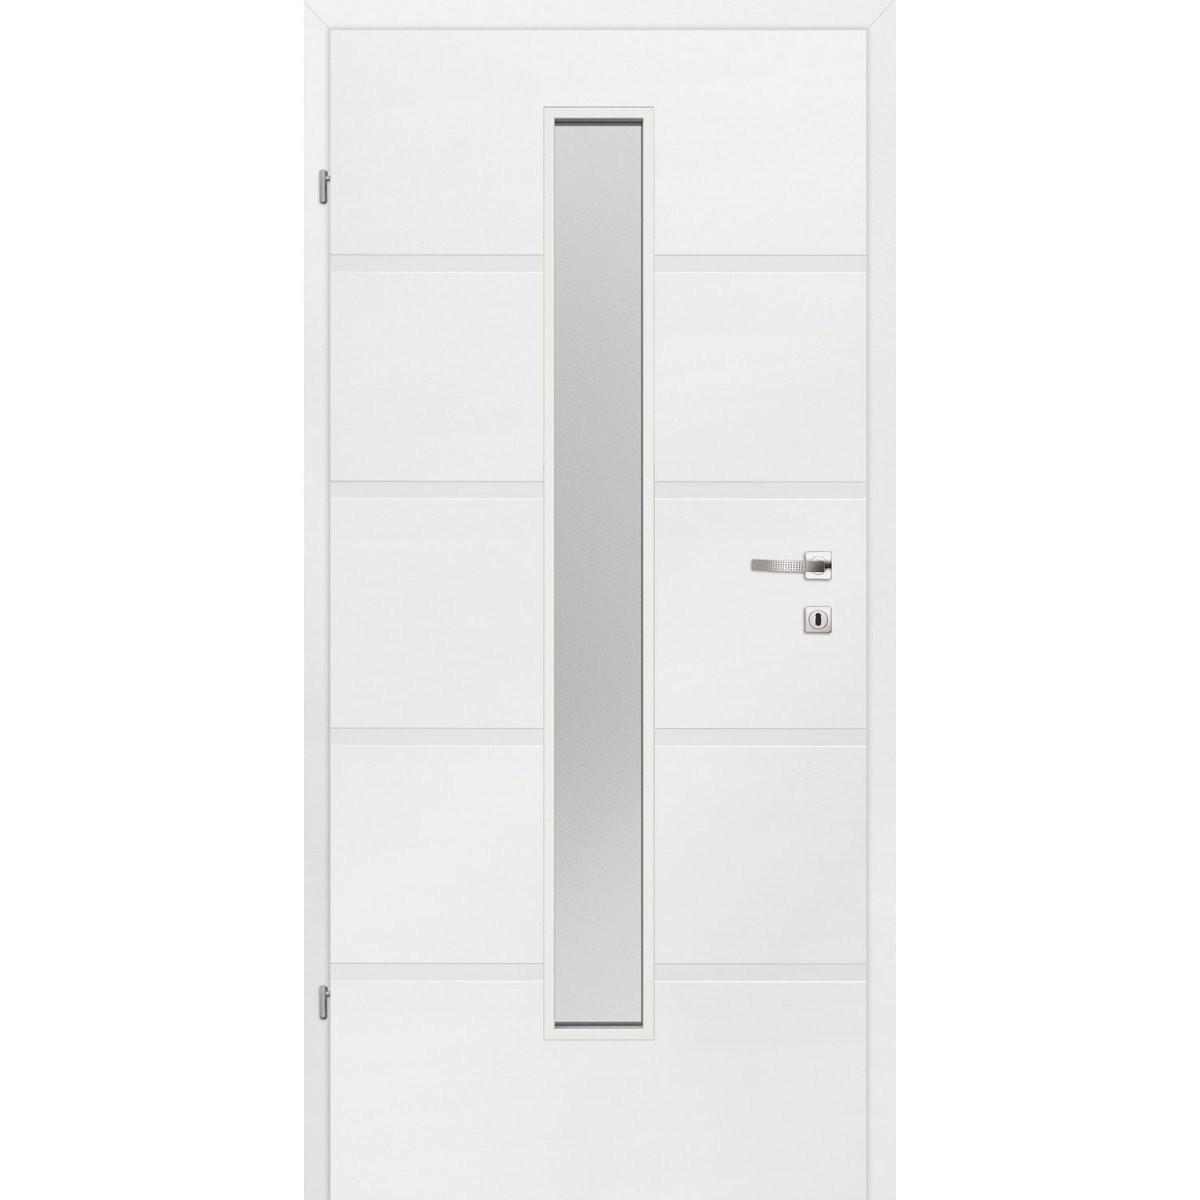 Zimmertüren  Zargen Online Kaufen Bei Obi von Bauhaus Innentüren Mit Zarge Bild